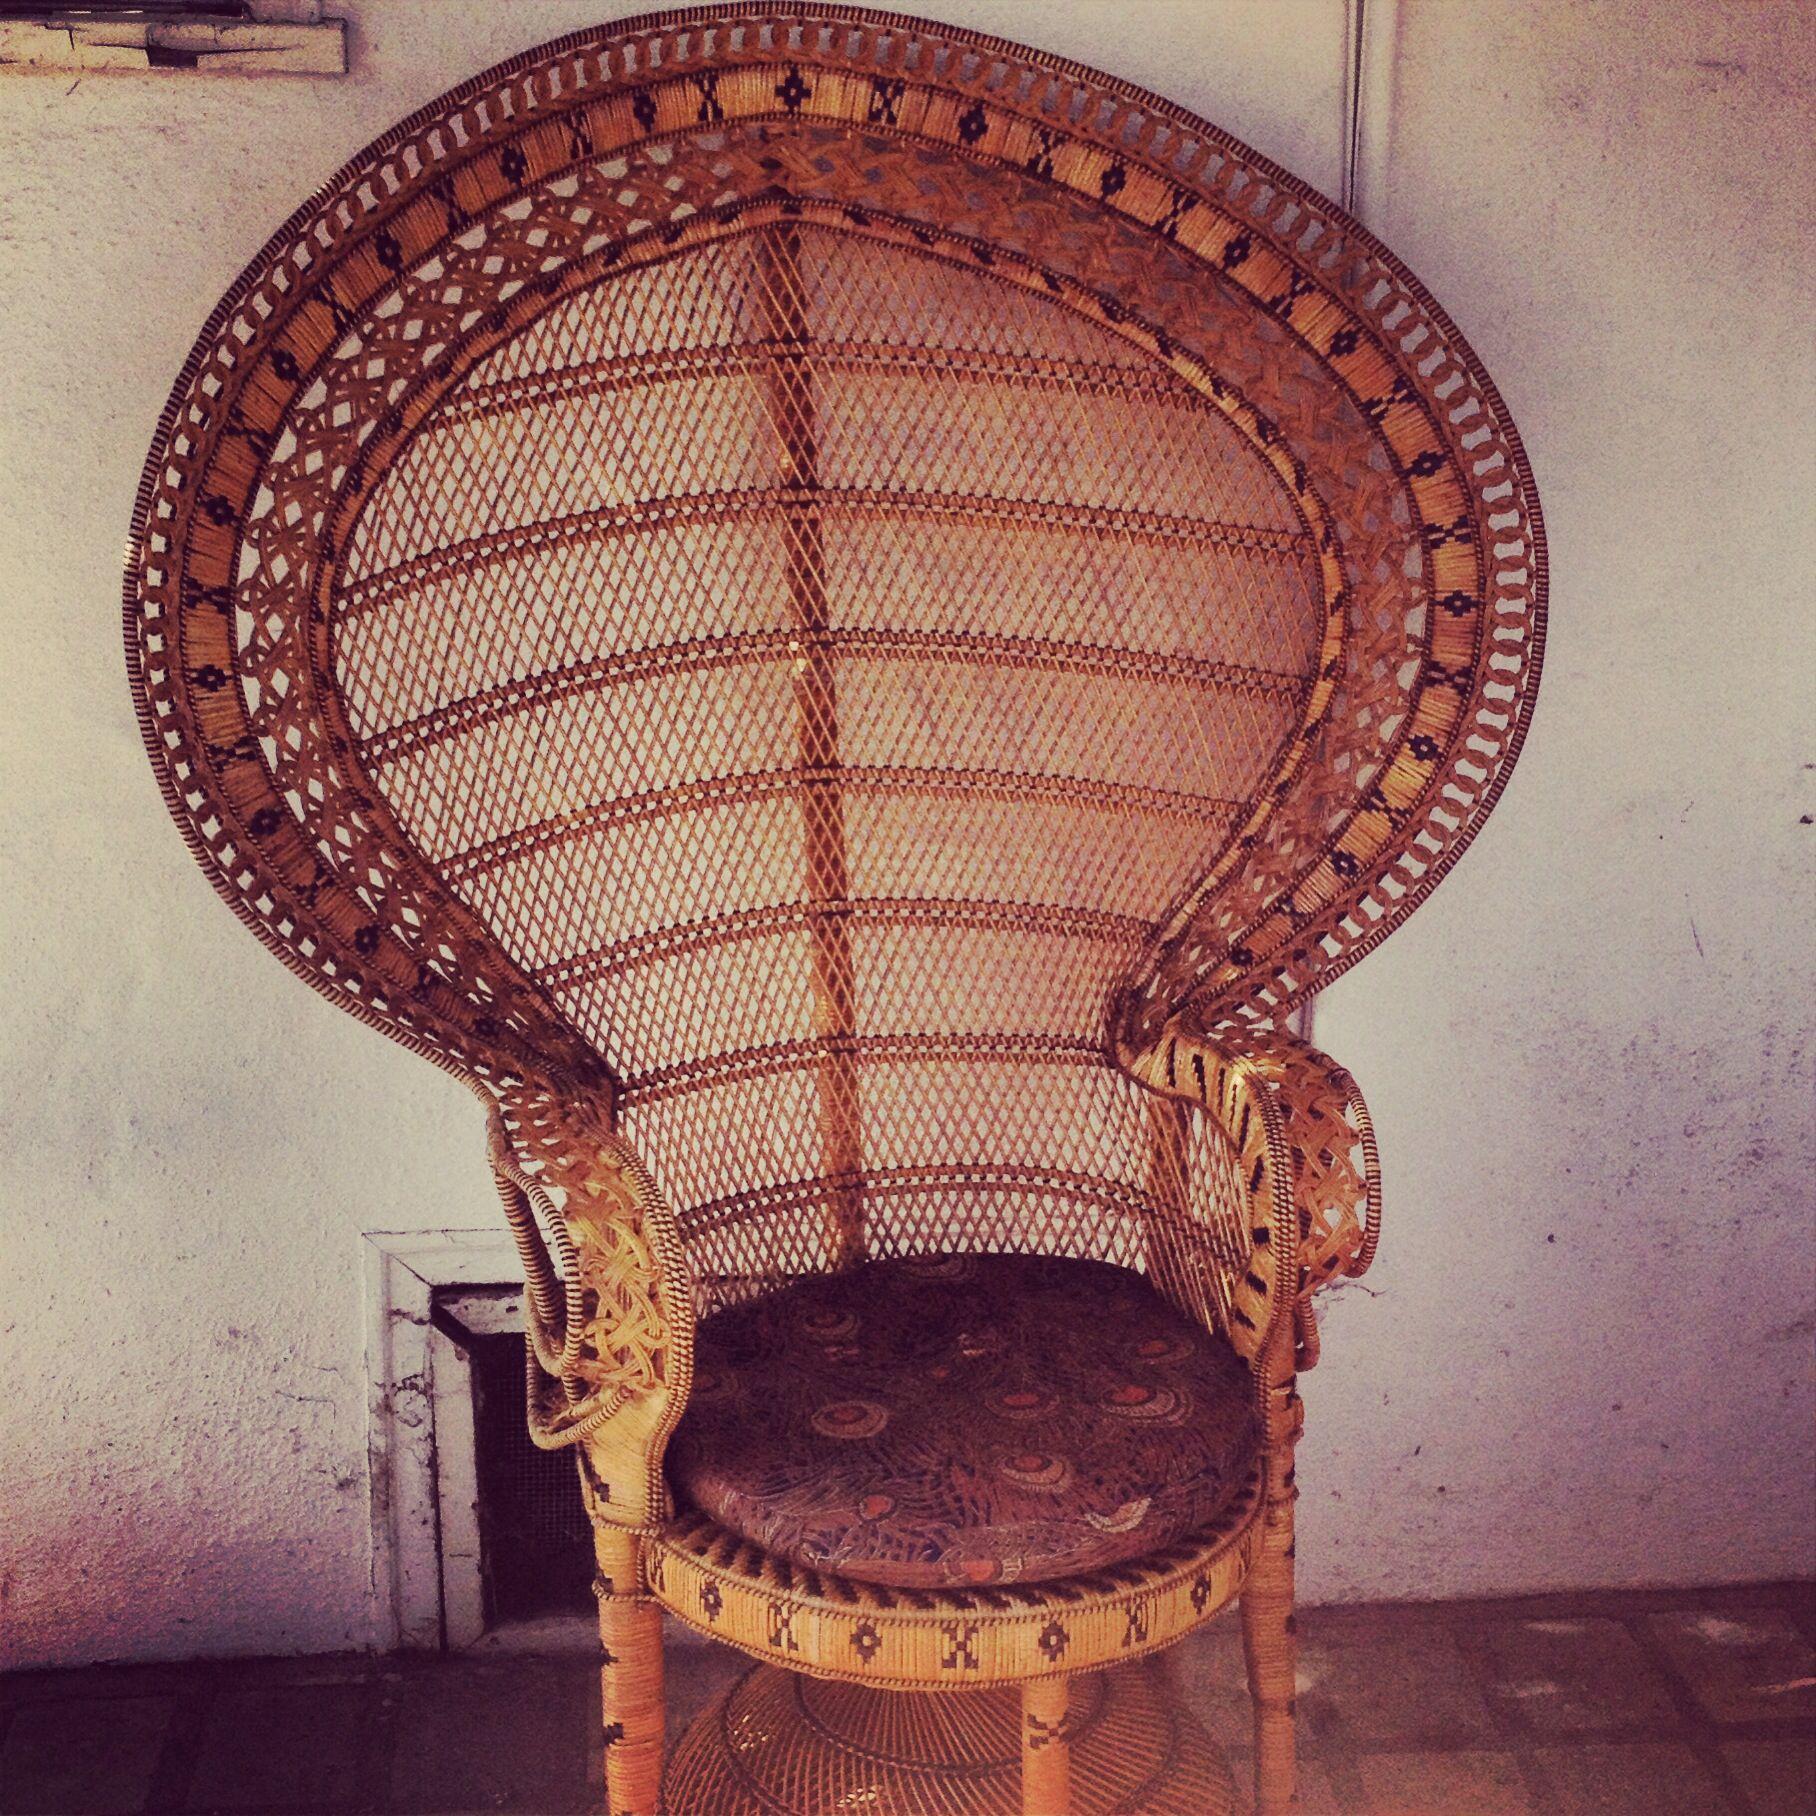 My Very Own Wicker Fan Chair!